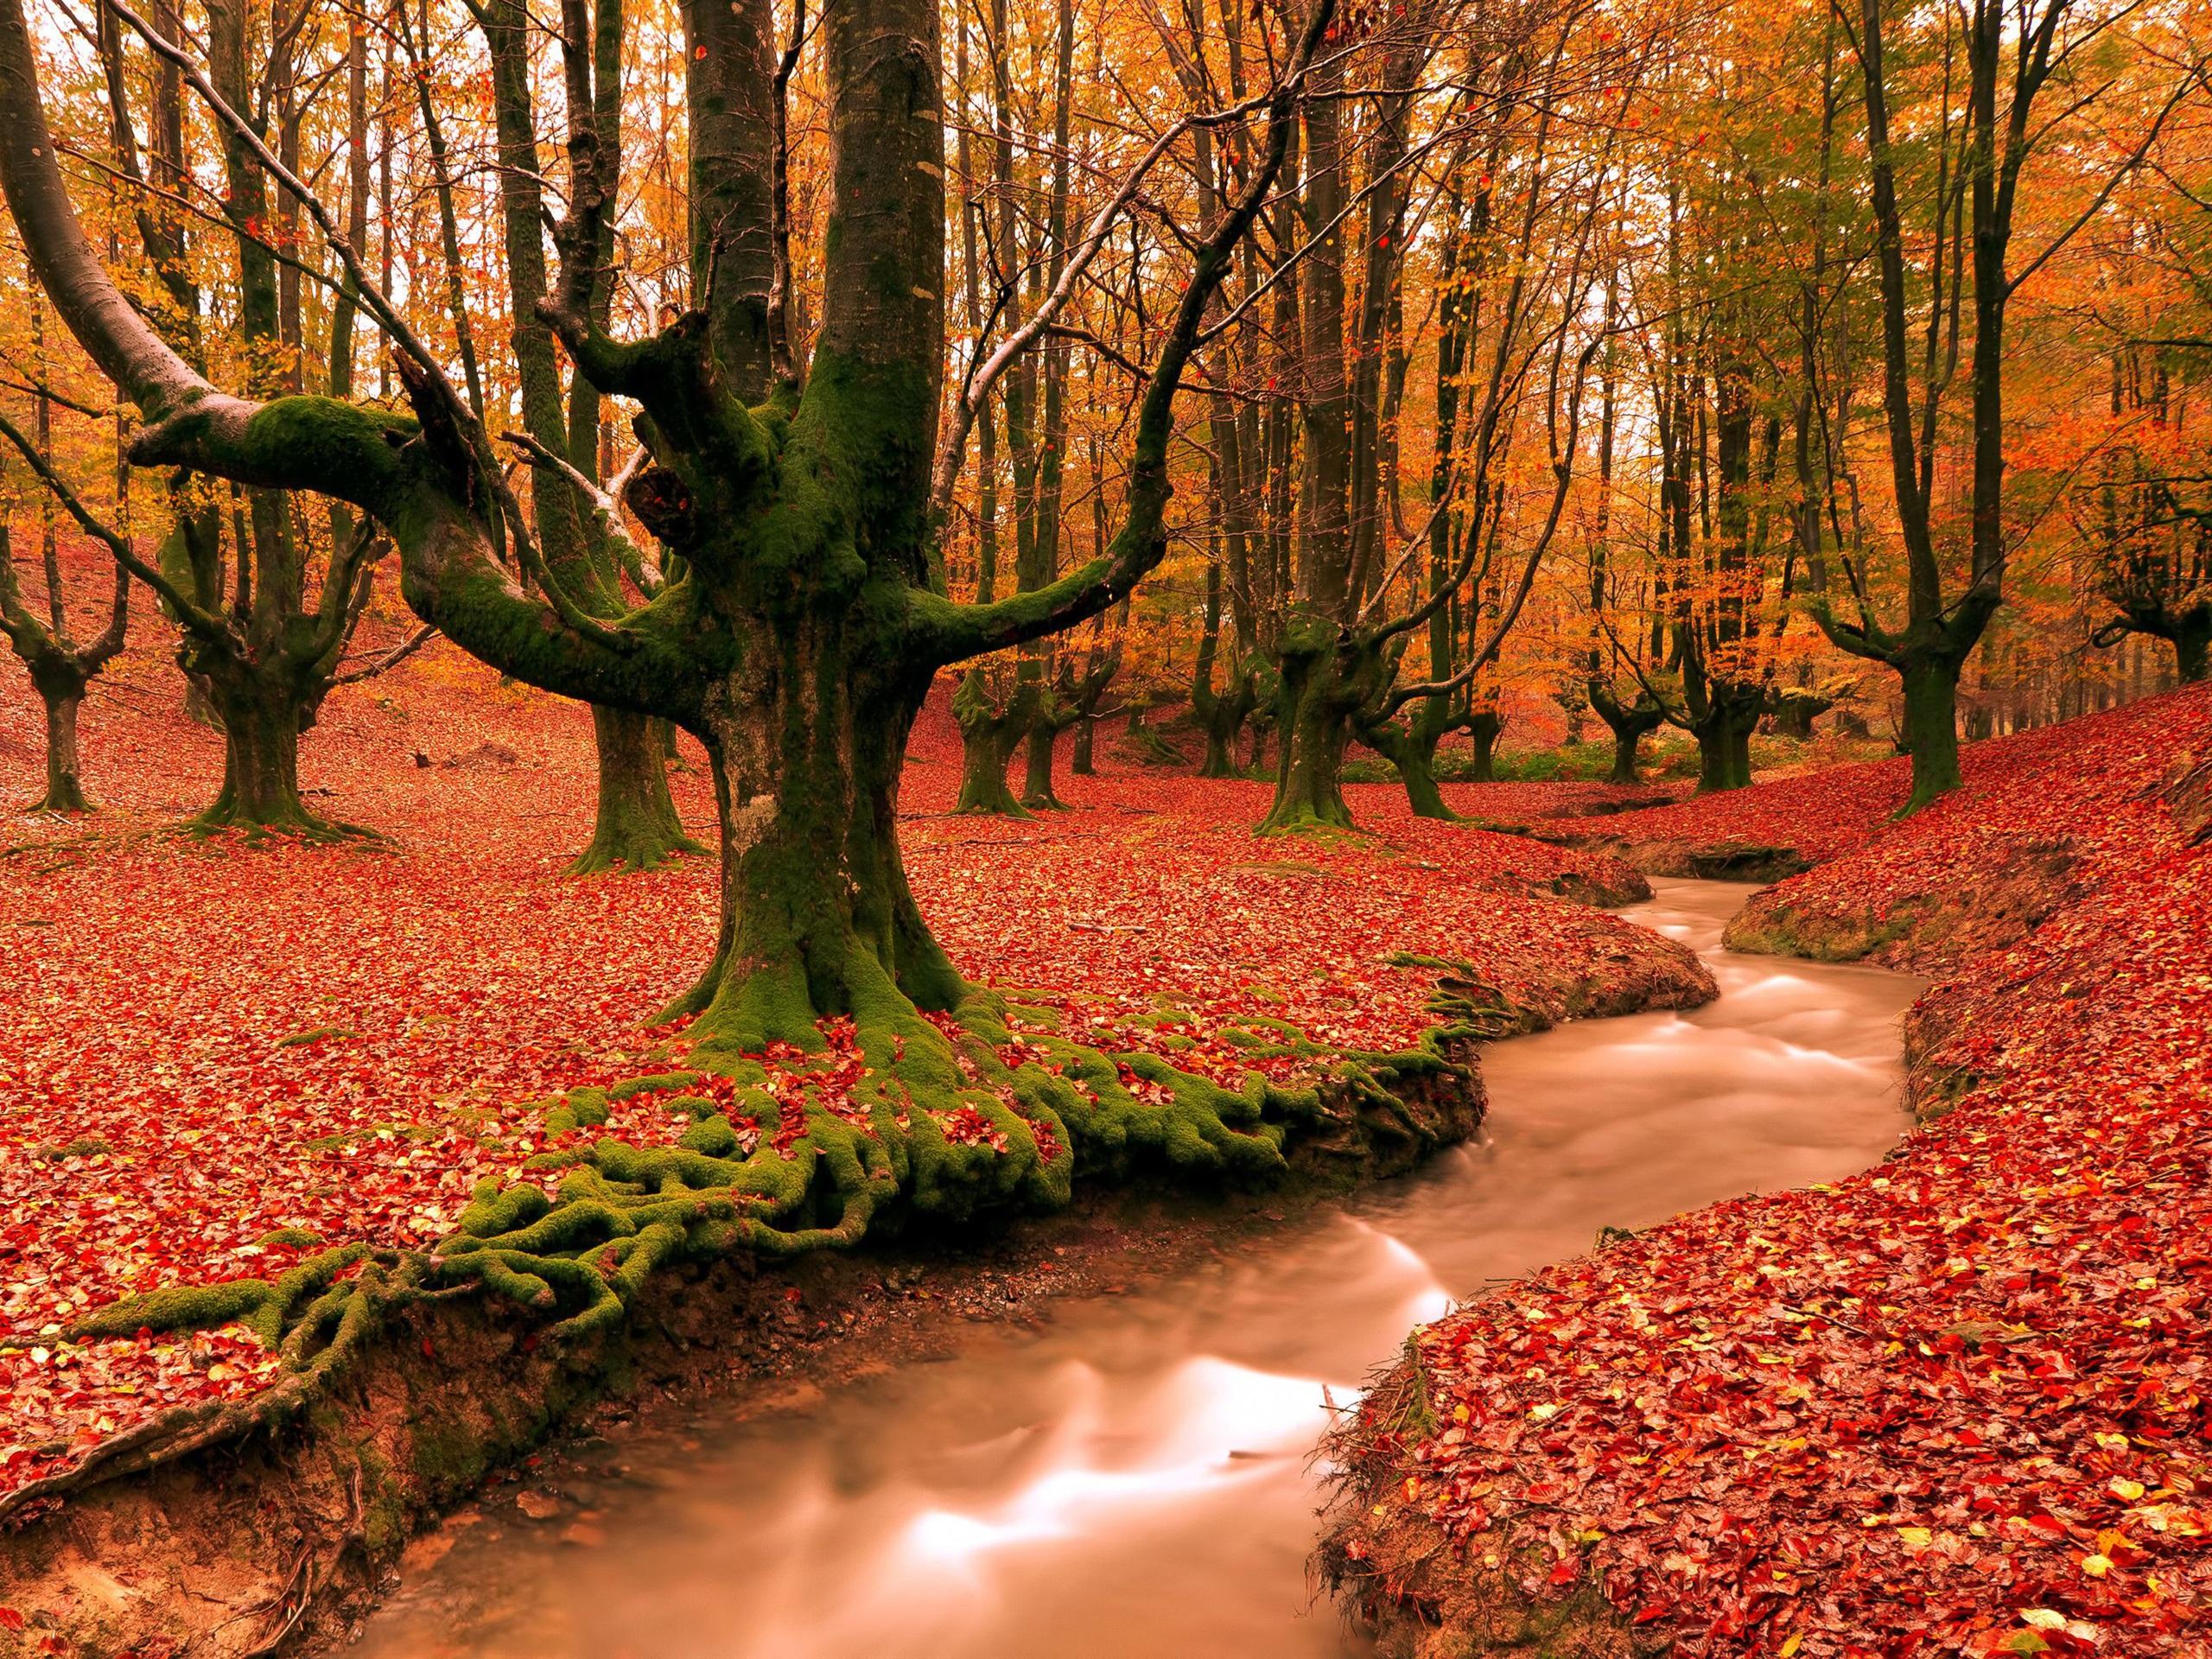 то, необычные картинки аллея красные деревья этого врач вначале